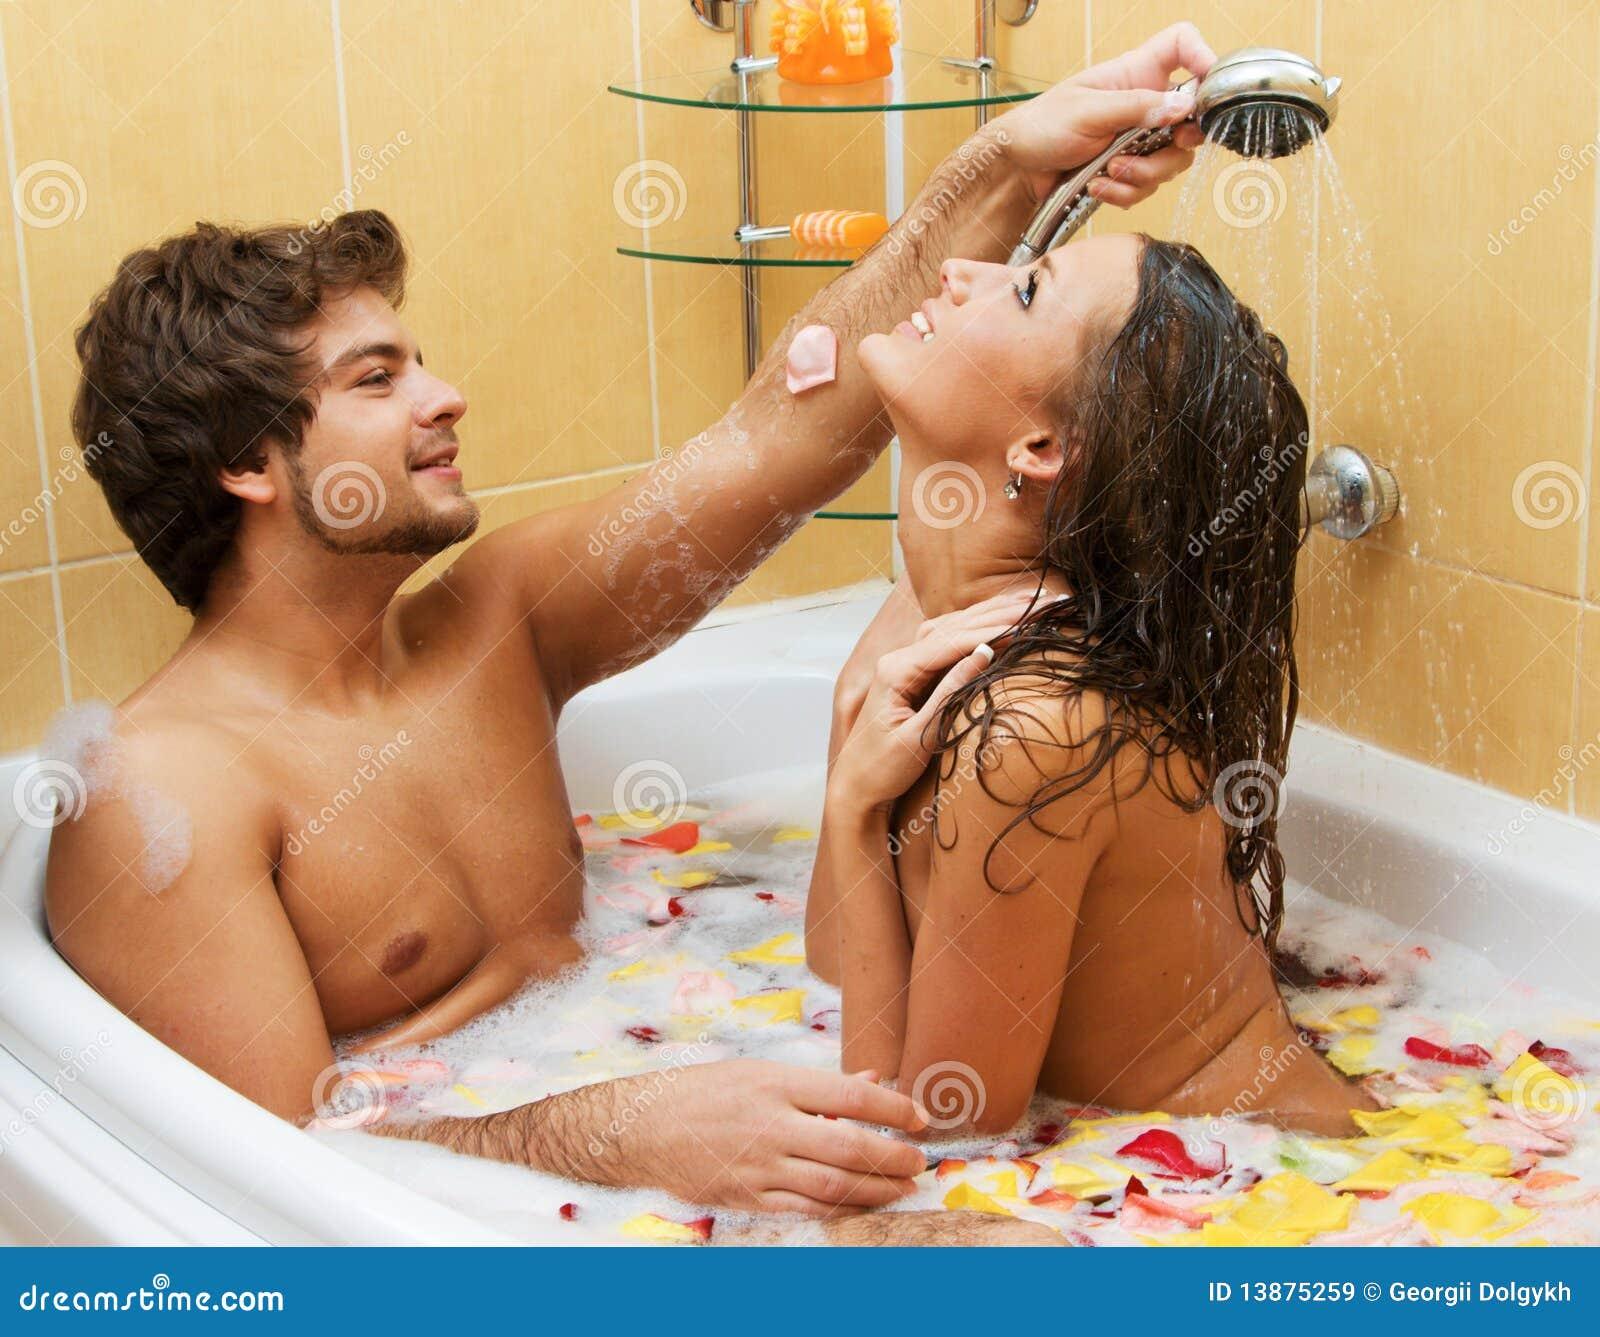 Фото пары в ванне 5 фотография